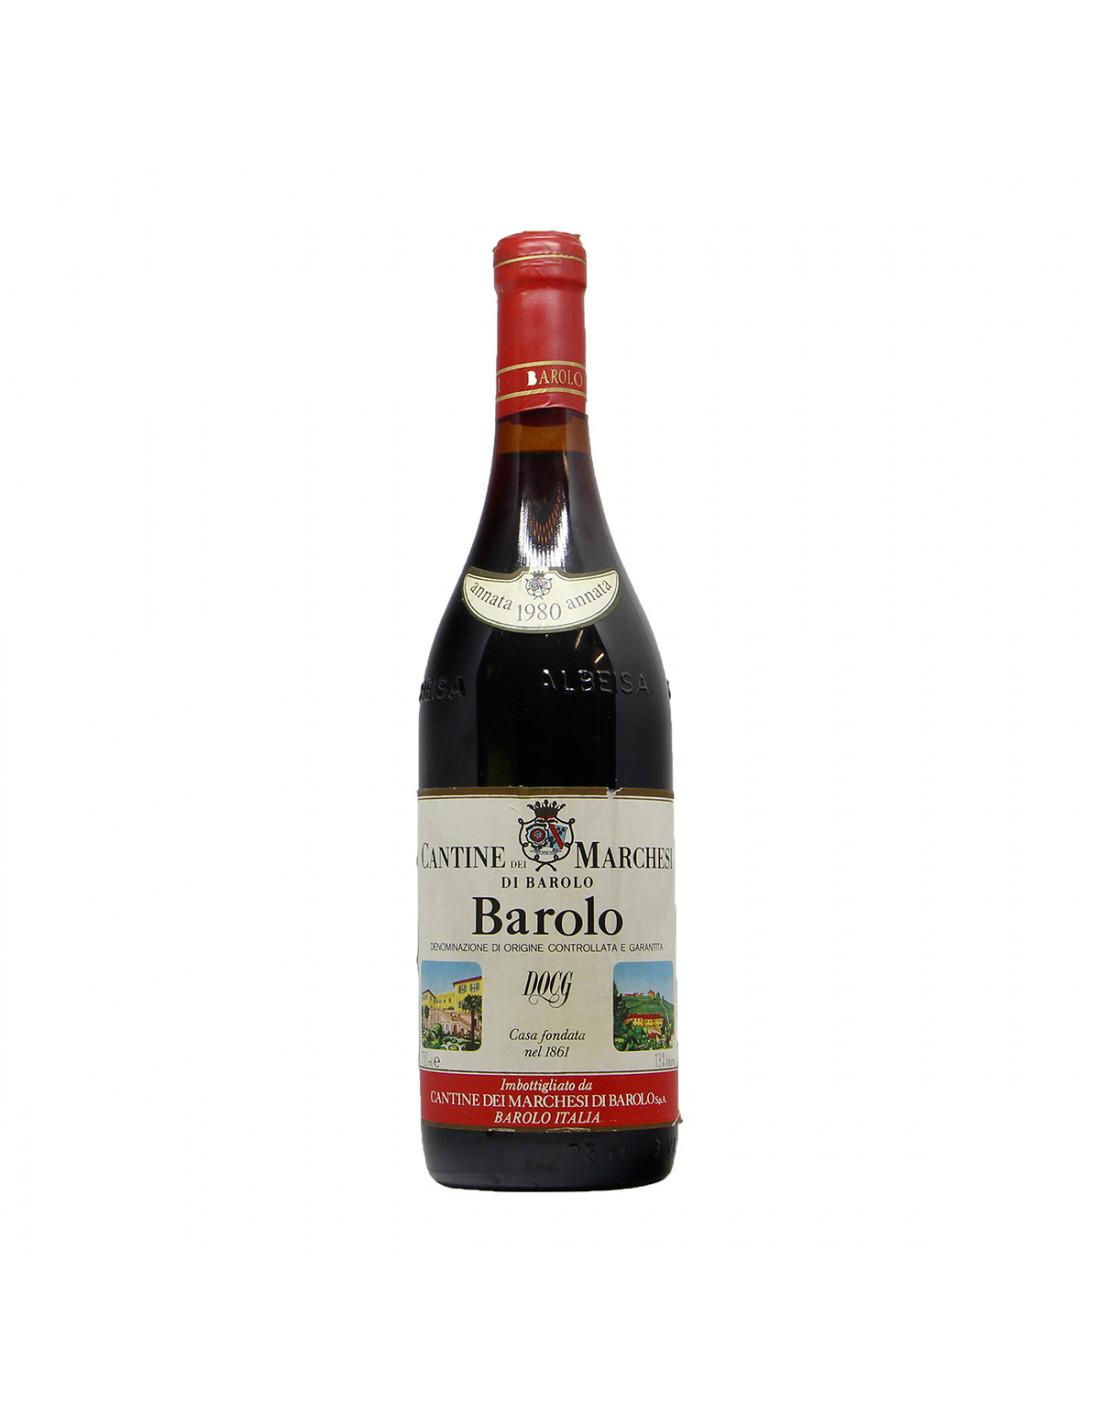 Marchesi di Barolo Barolo 1980 Grandi Bottiglie